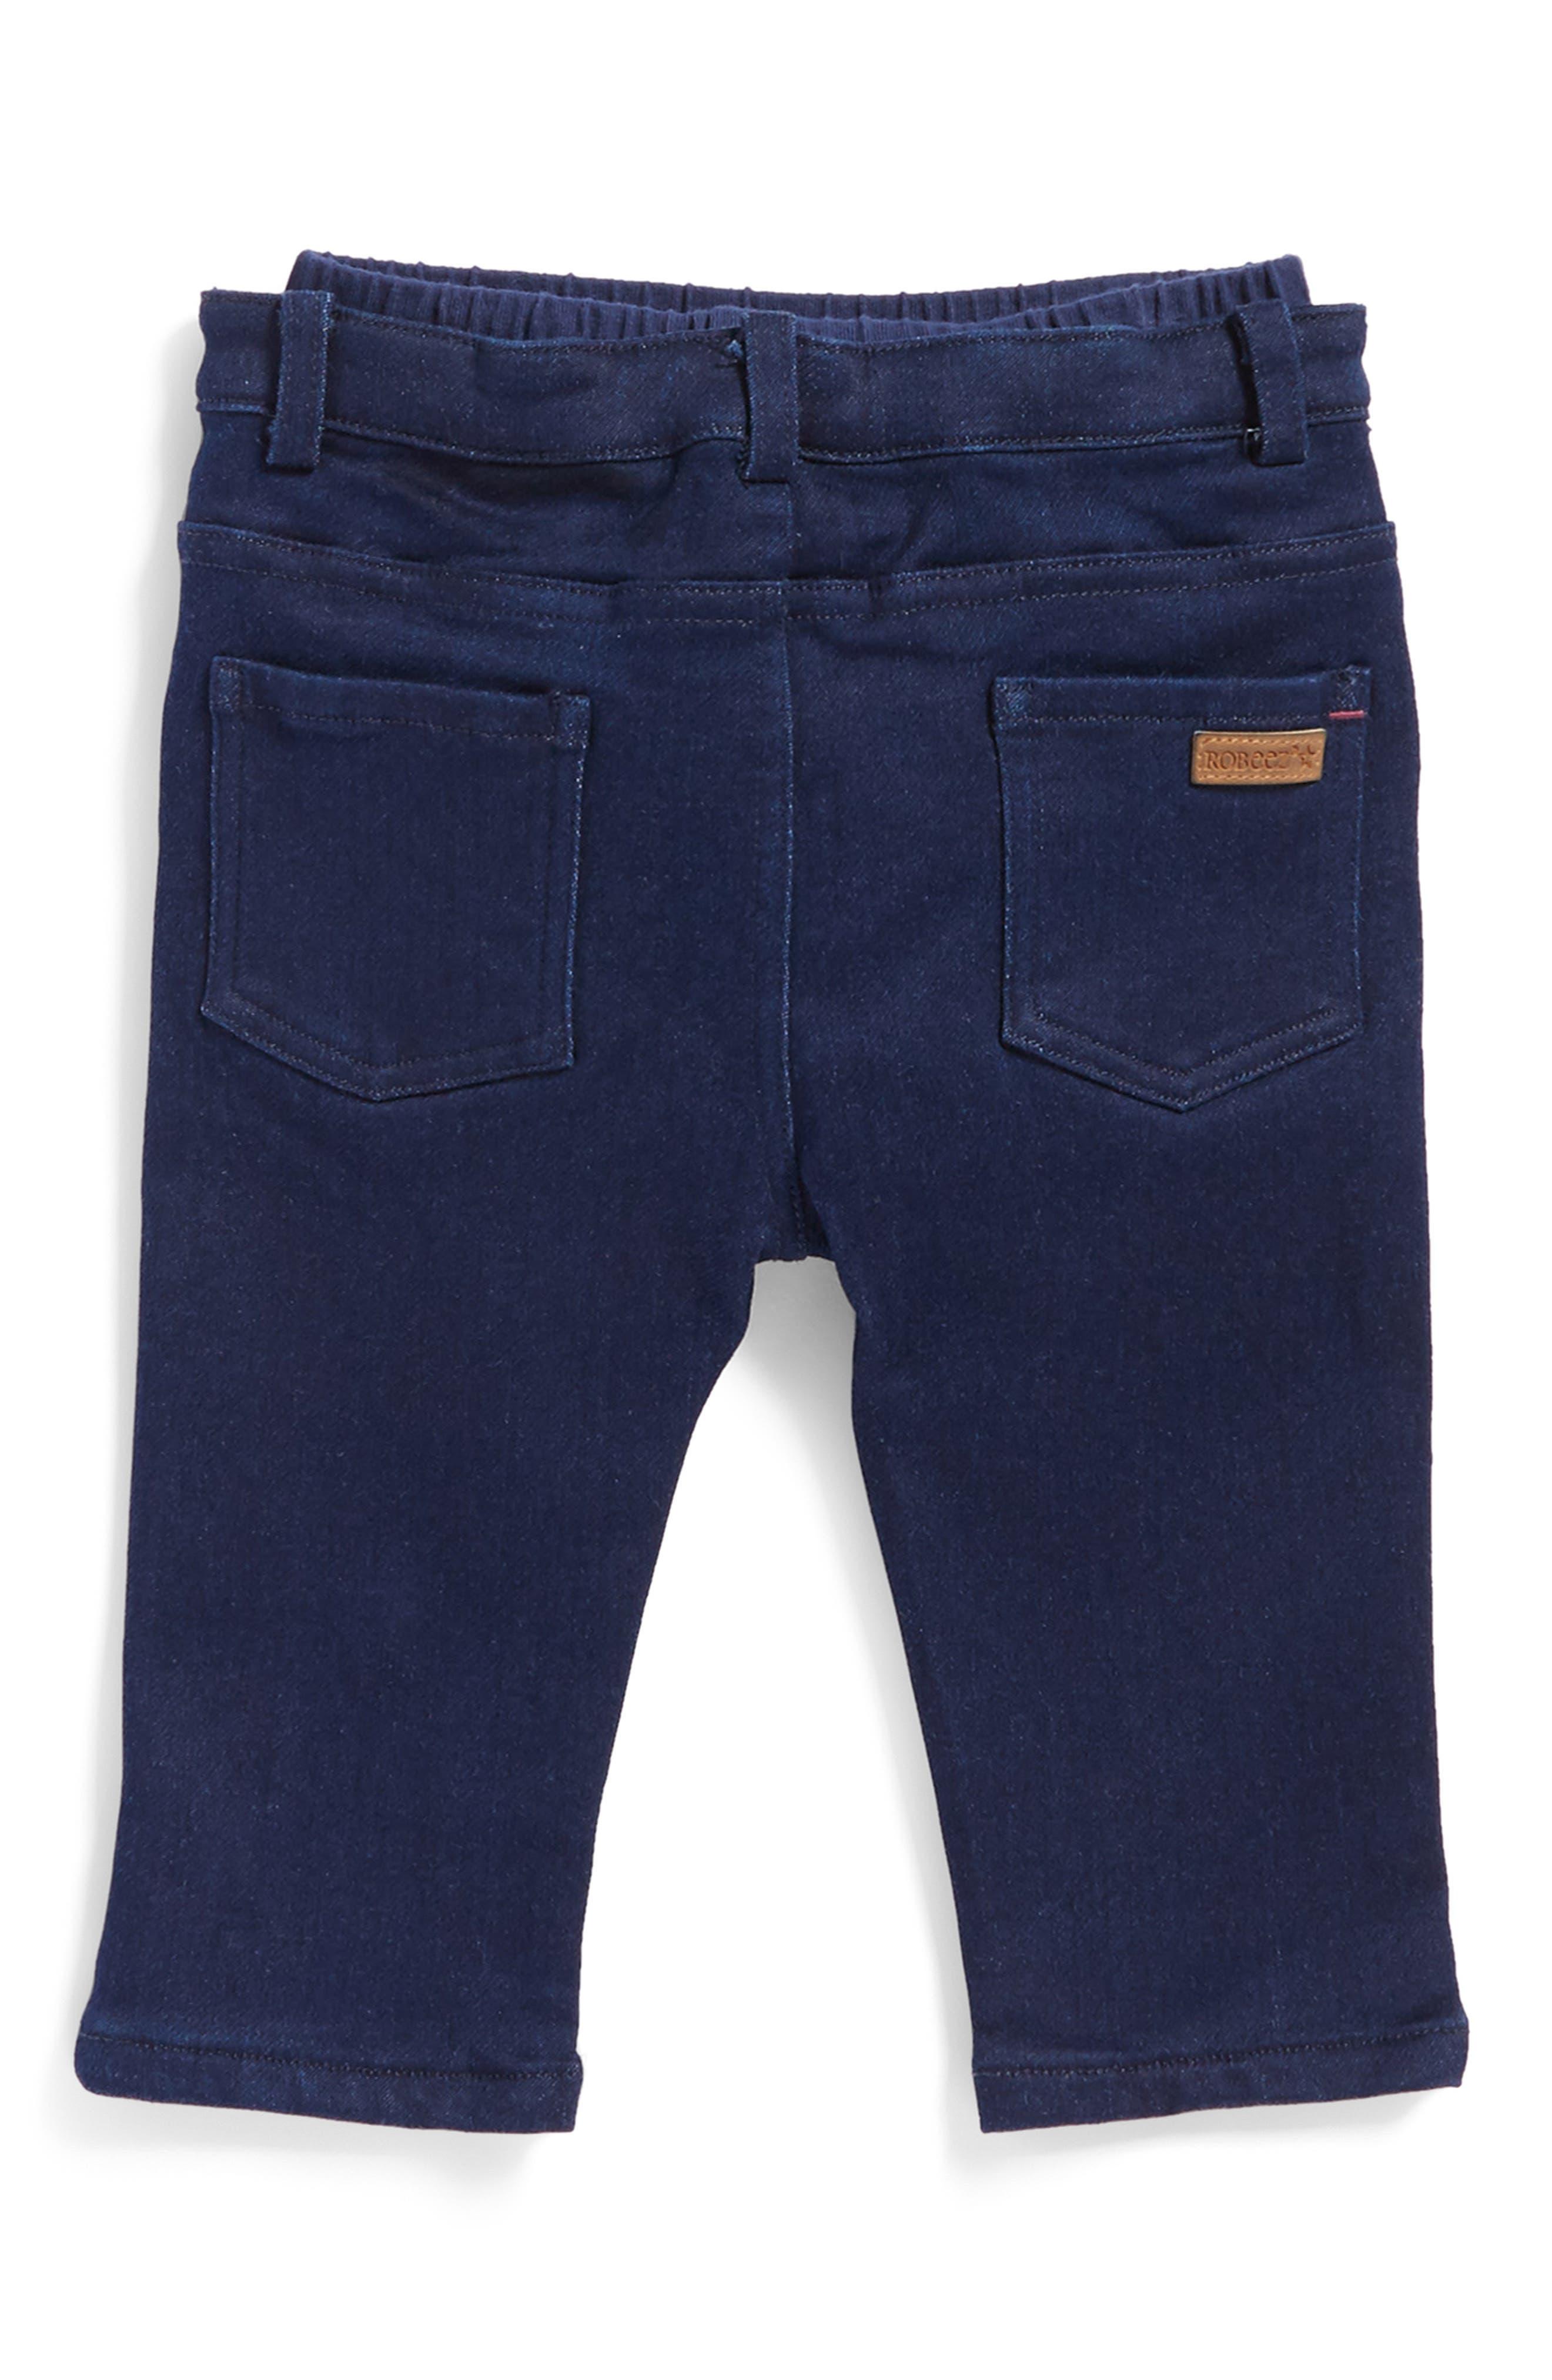 Soft Jeans,                             Alternate thumbnail 2, color,                             410